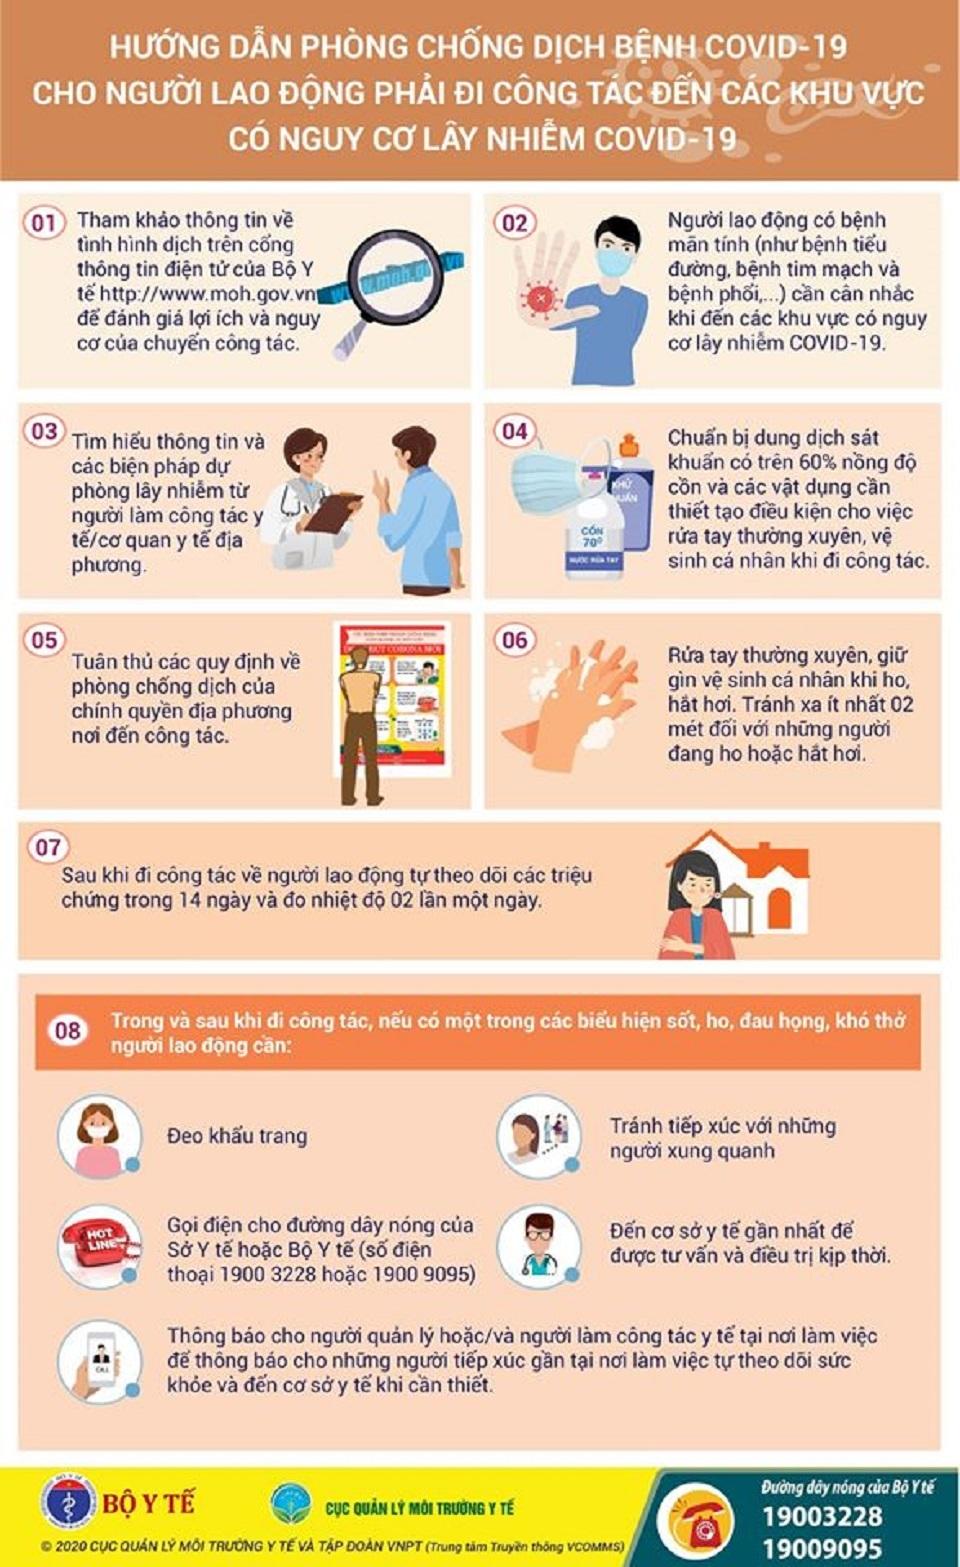 8 biện pháp phòng bệnh khi đi đến vùng có nguy cơ lây nhiễm Covid-19